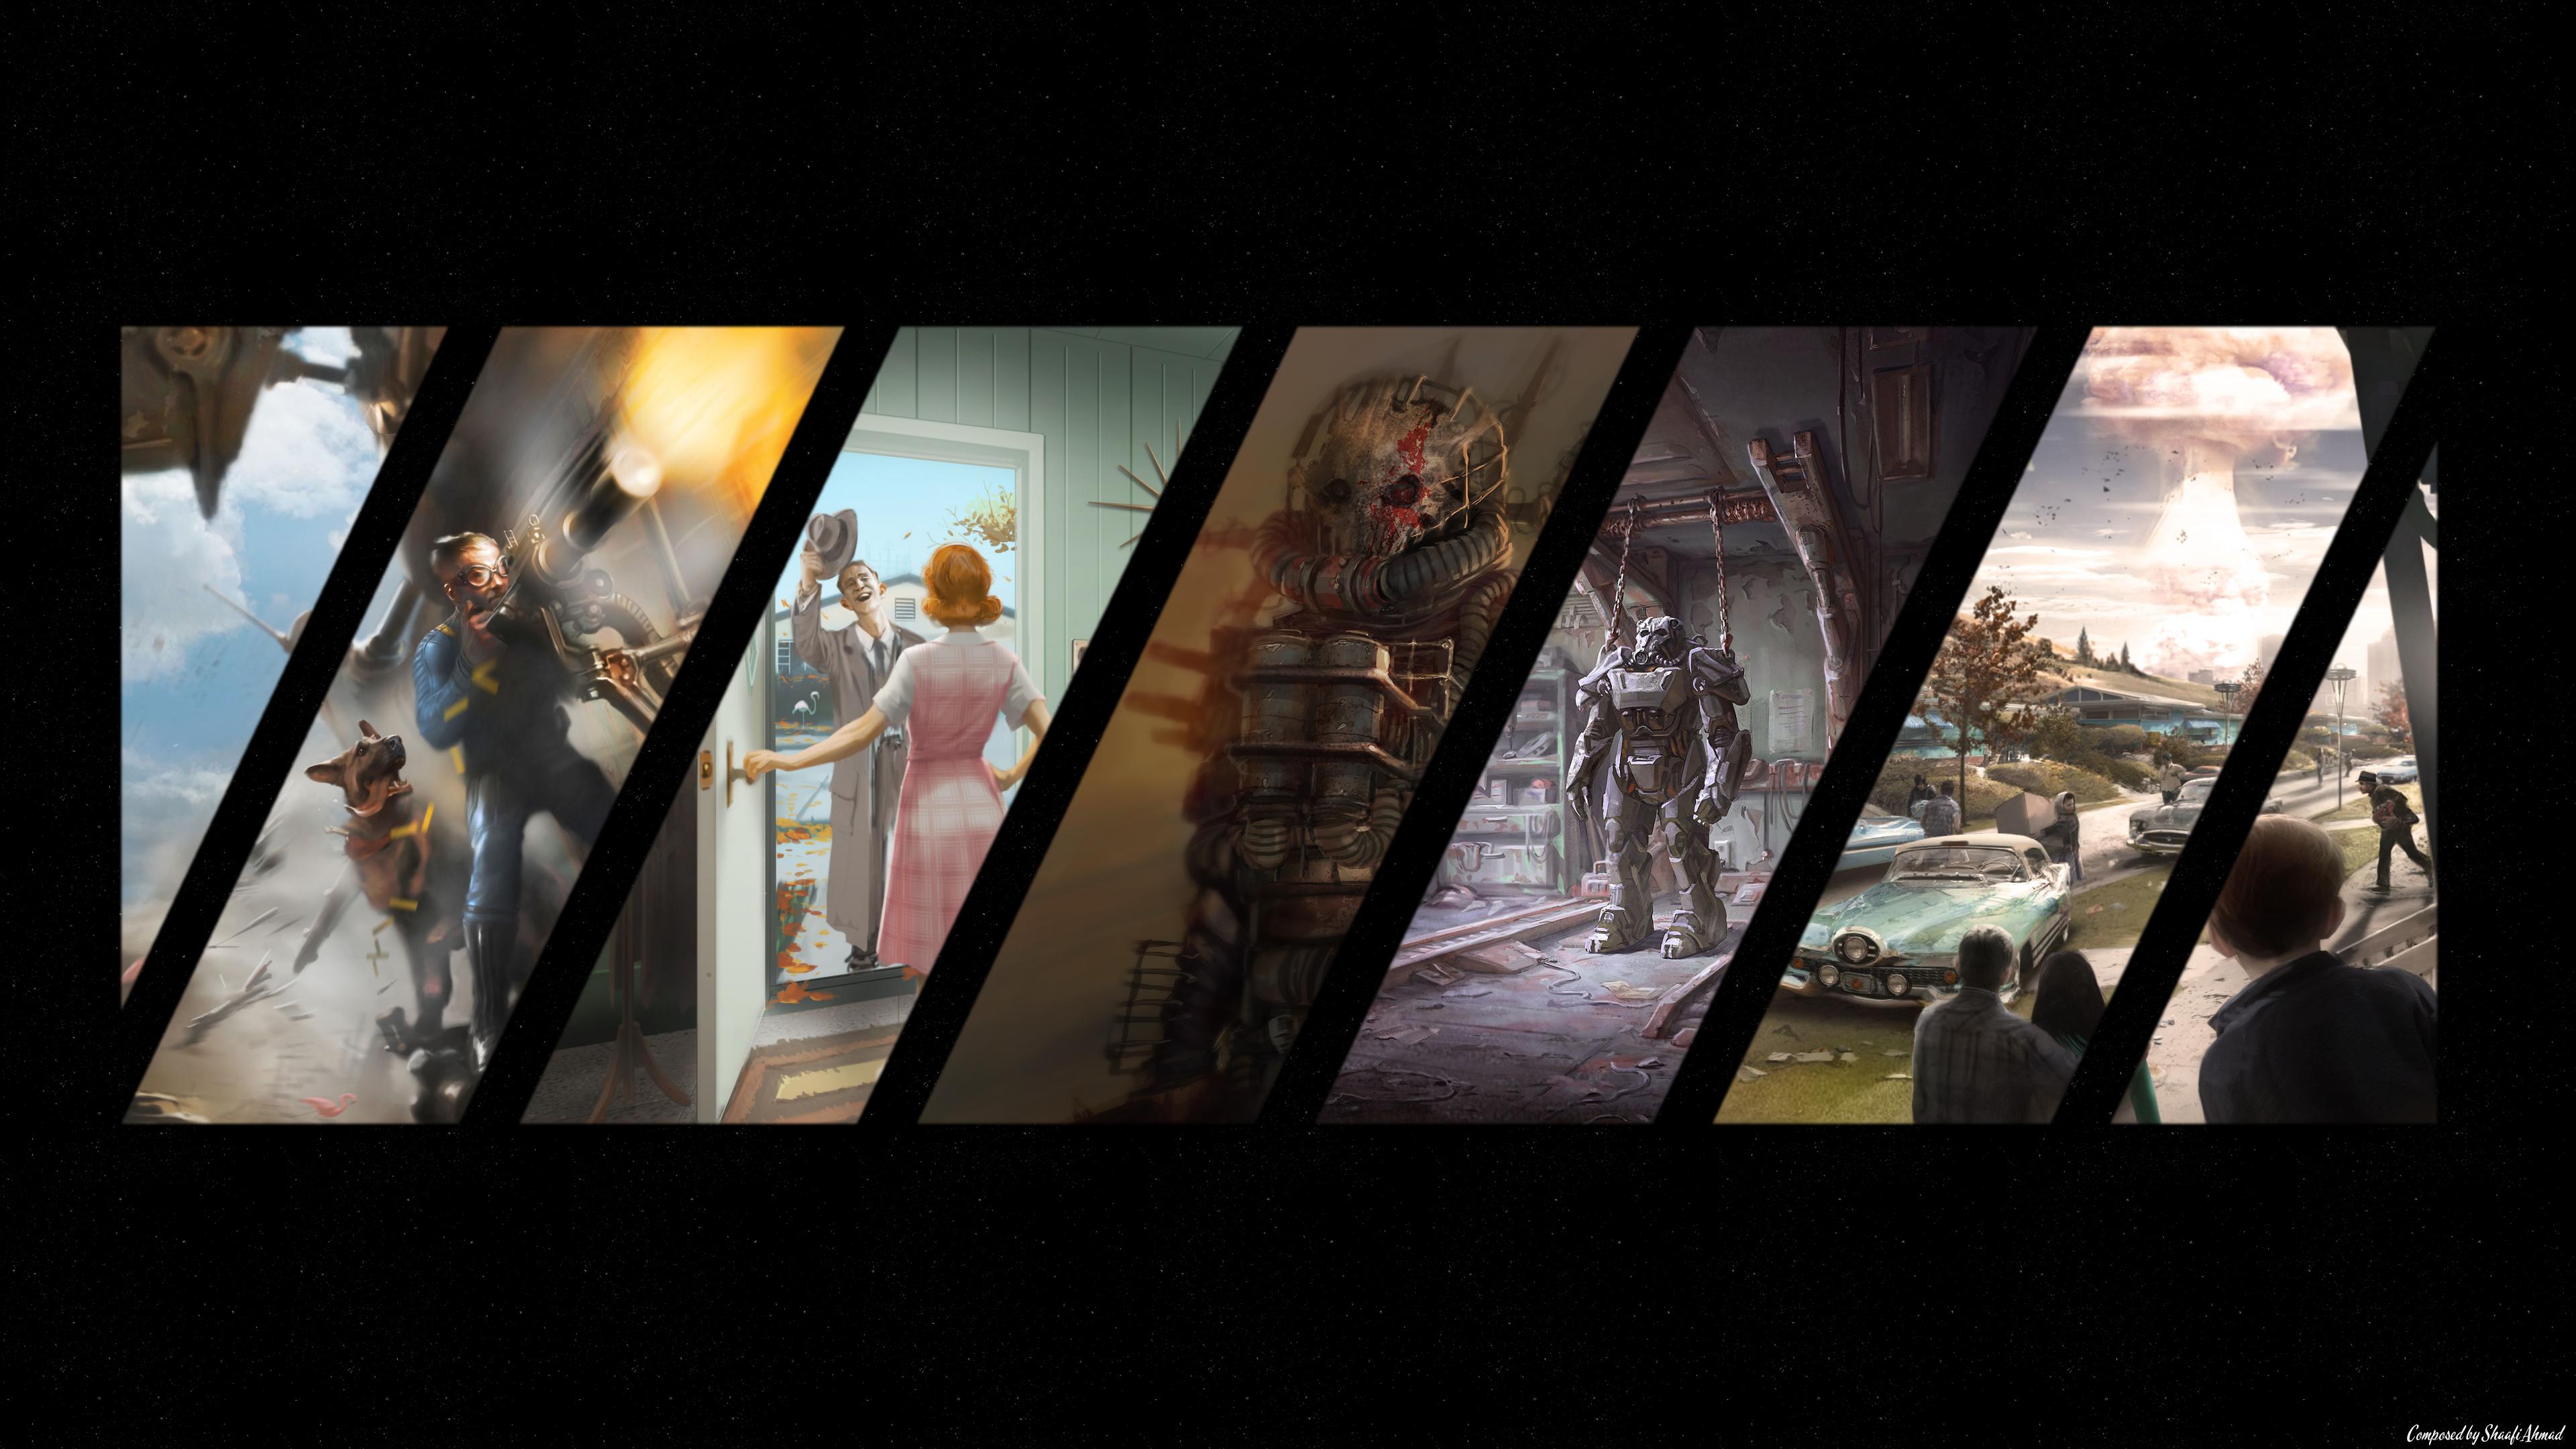 Fallout 4 HD Wallpaper